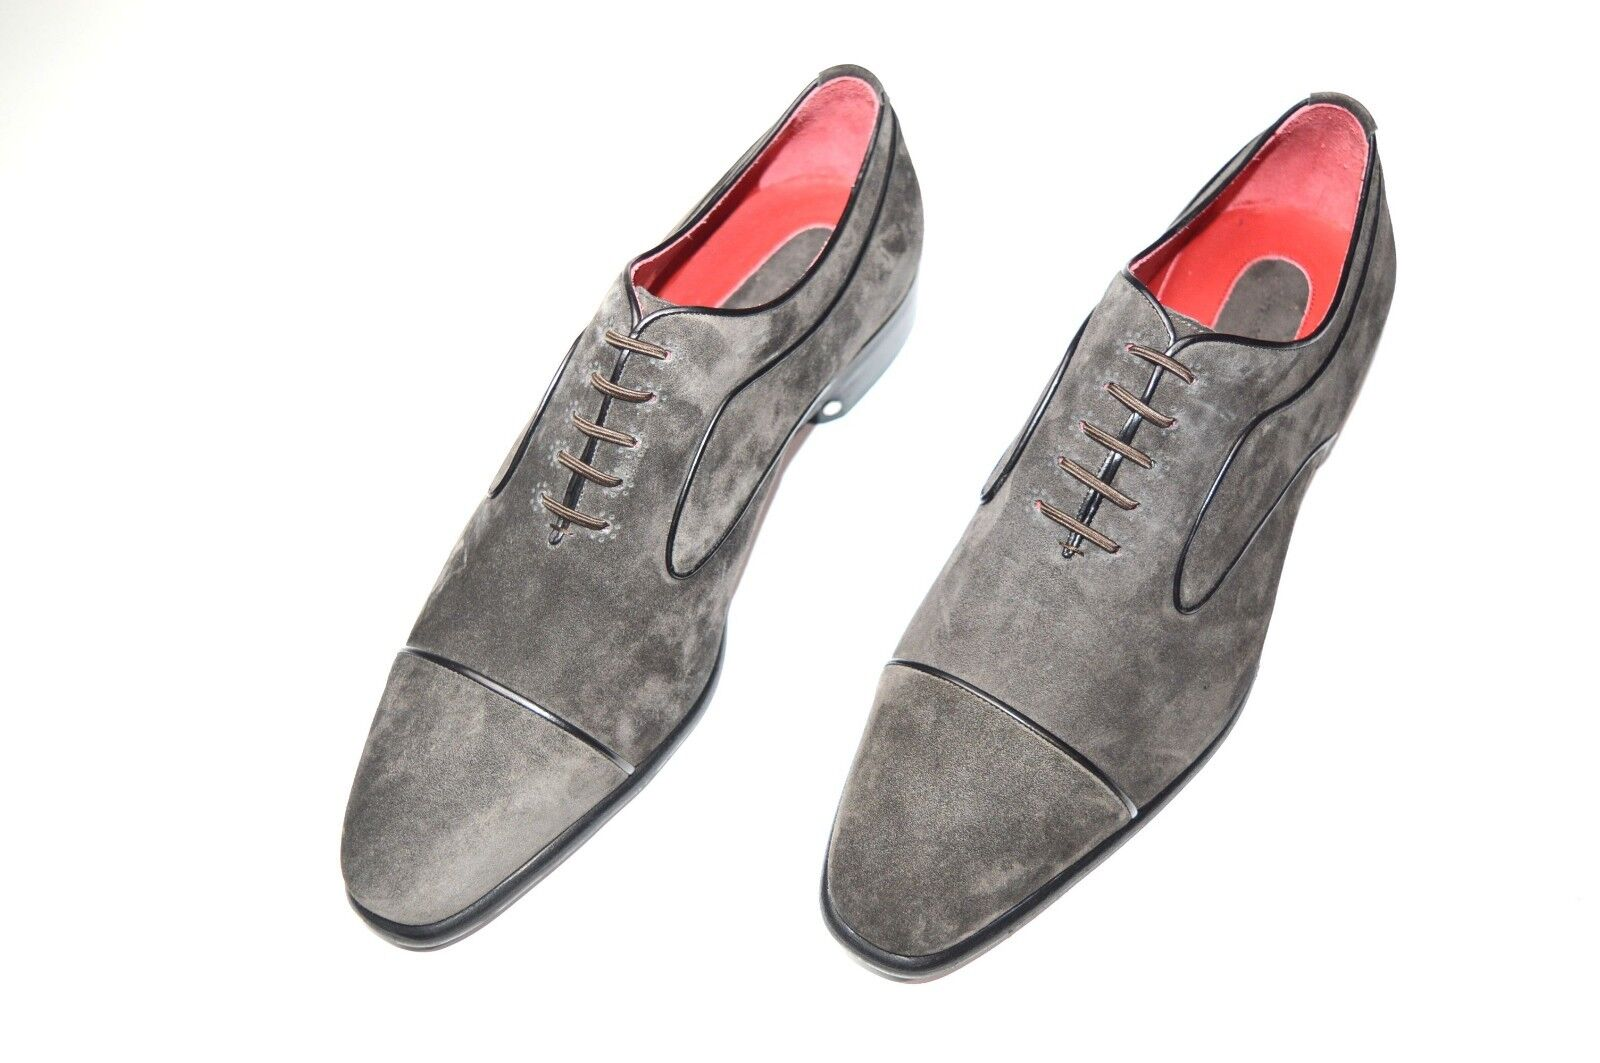 Nuevo De Lujo Cuero STEFANO RICCI Zapatos Talla nos 8.5 (COD A203)